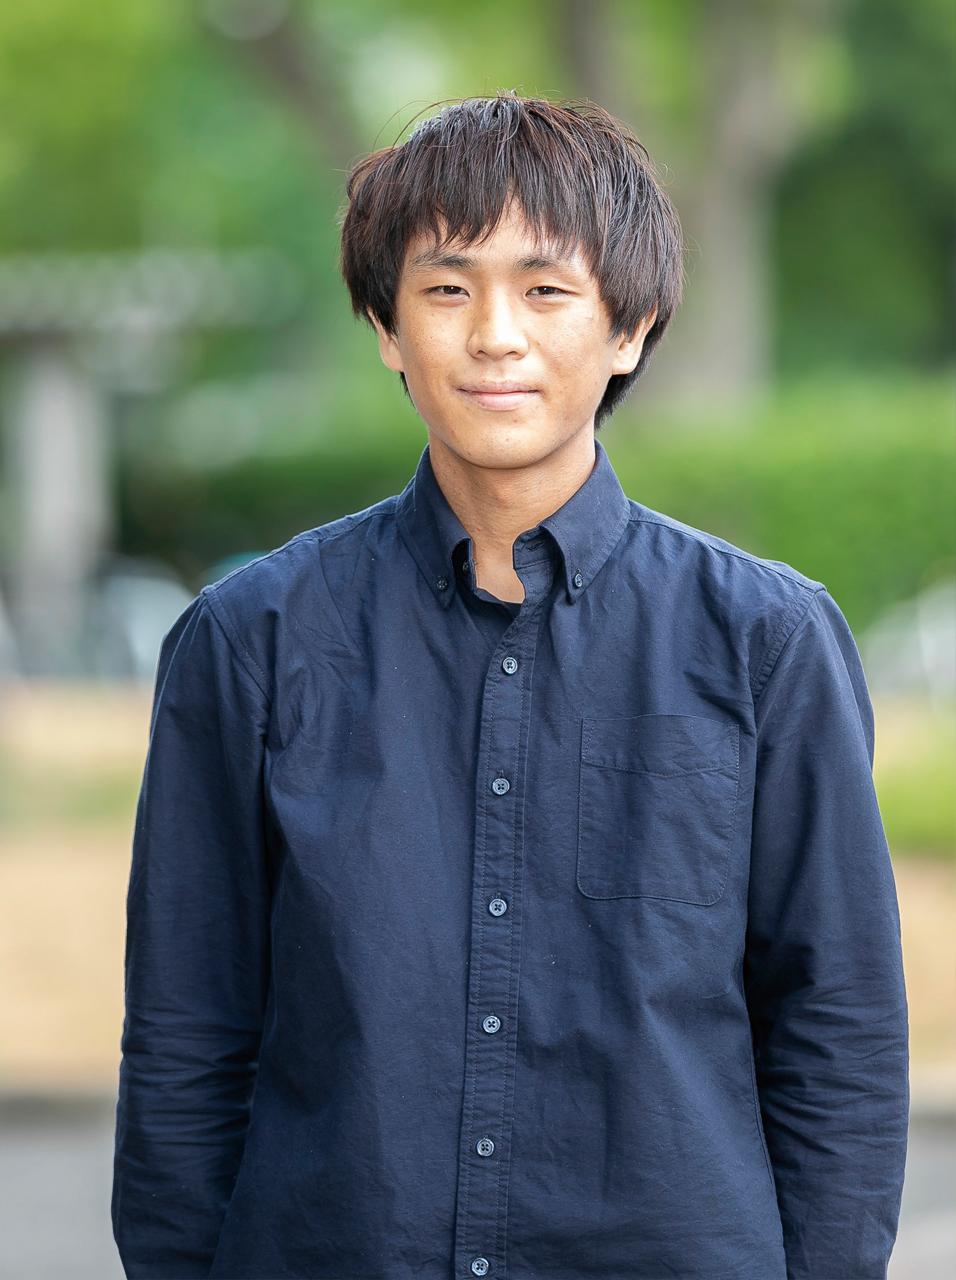 宮川 悟さんの写真